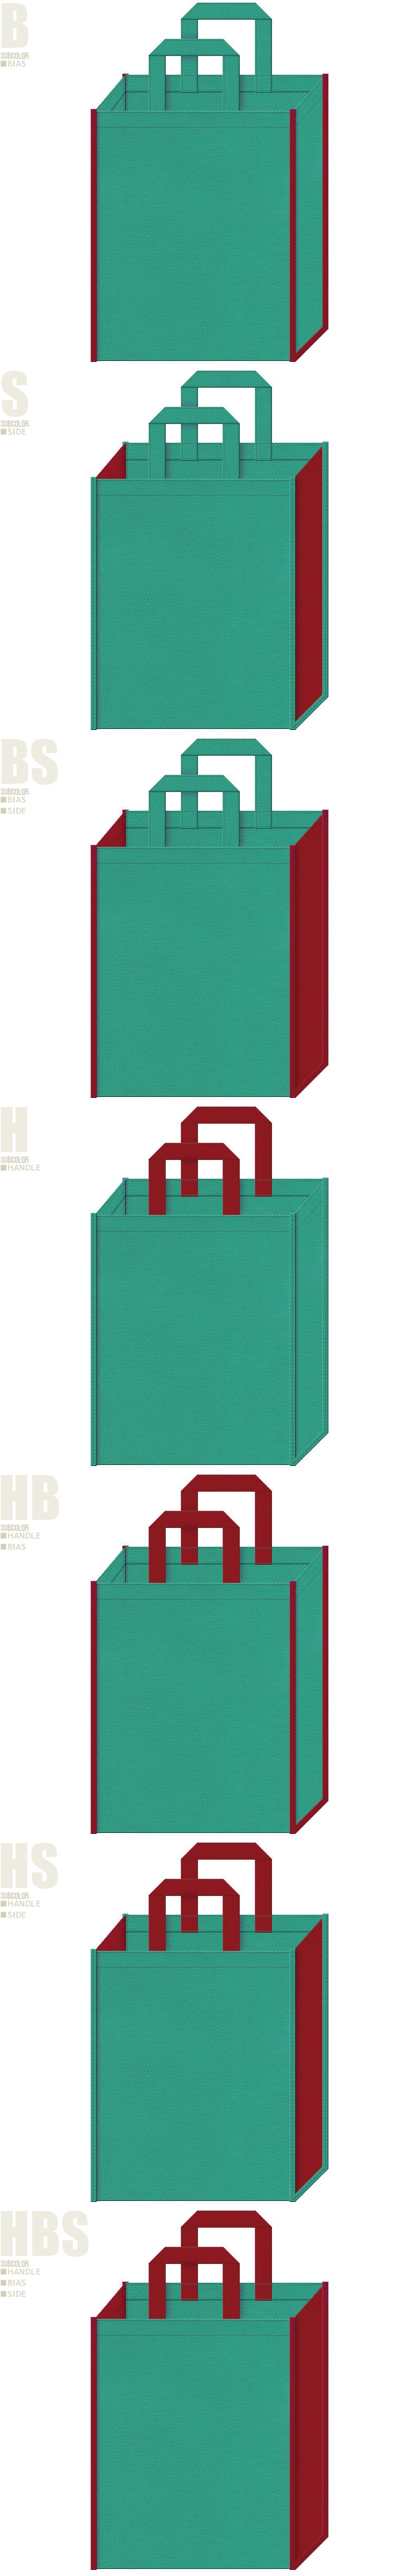 振袖・着物・卒業・メモリー・アルバム・写真館・和風催事にお奨めの不織布バッグデザイン:青緑色とエンジ色の配色7パターン